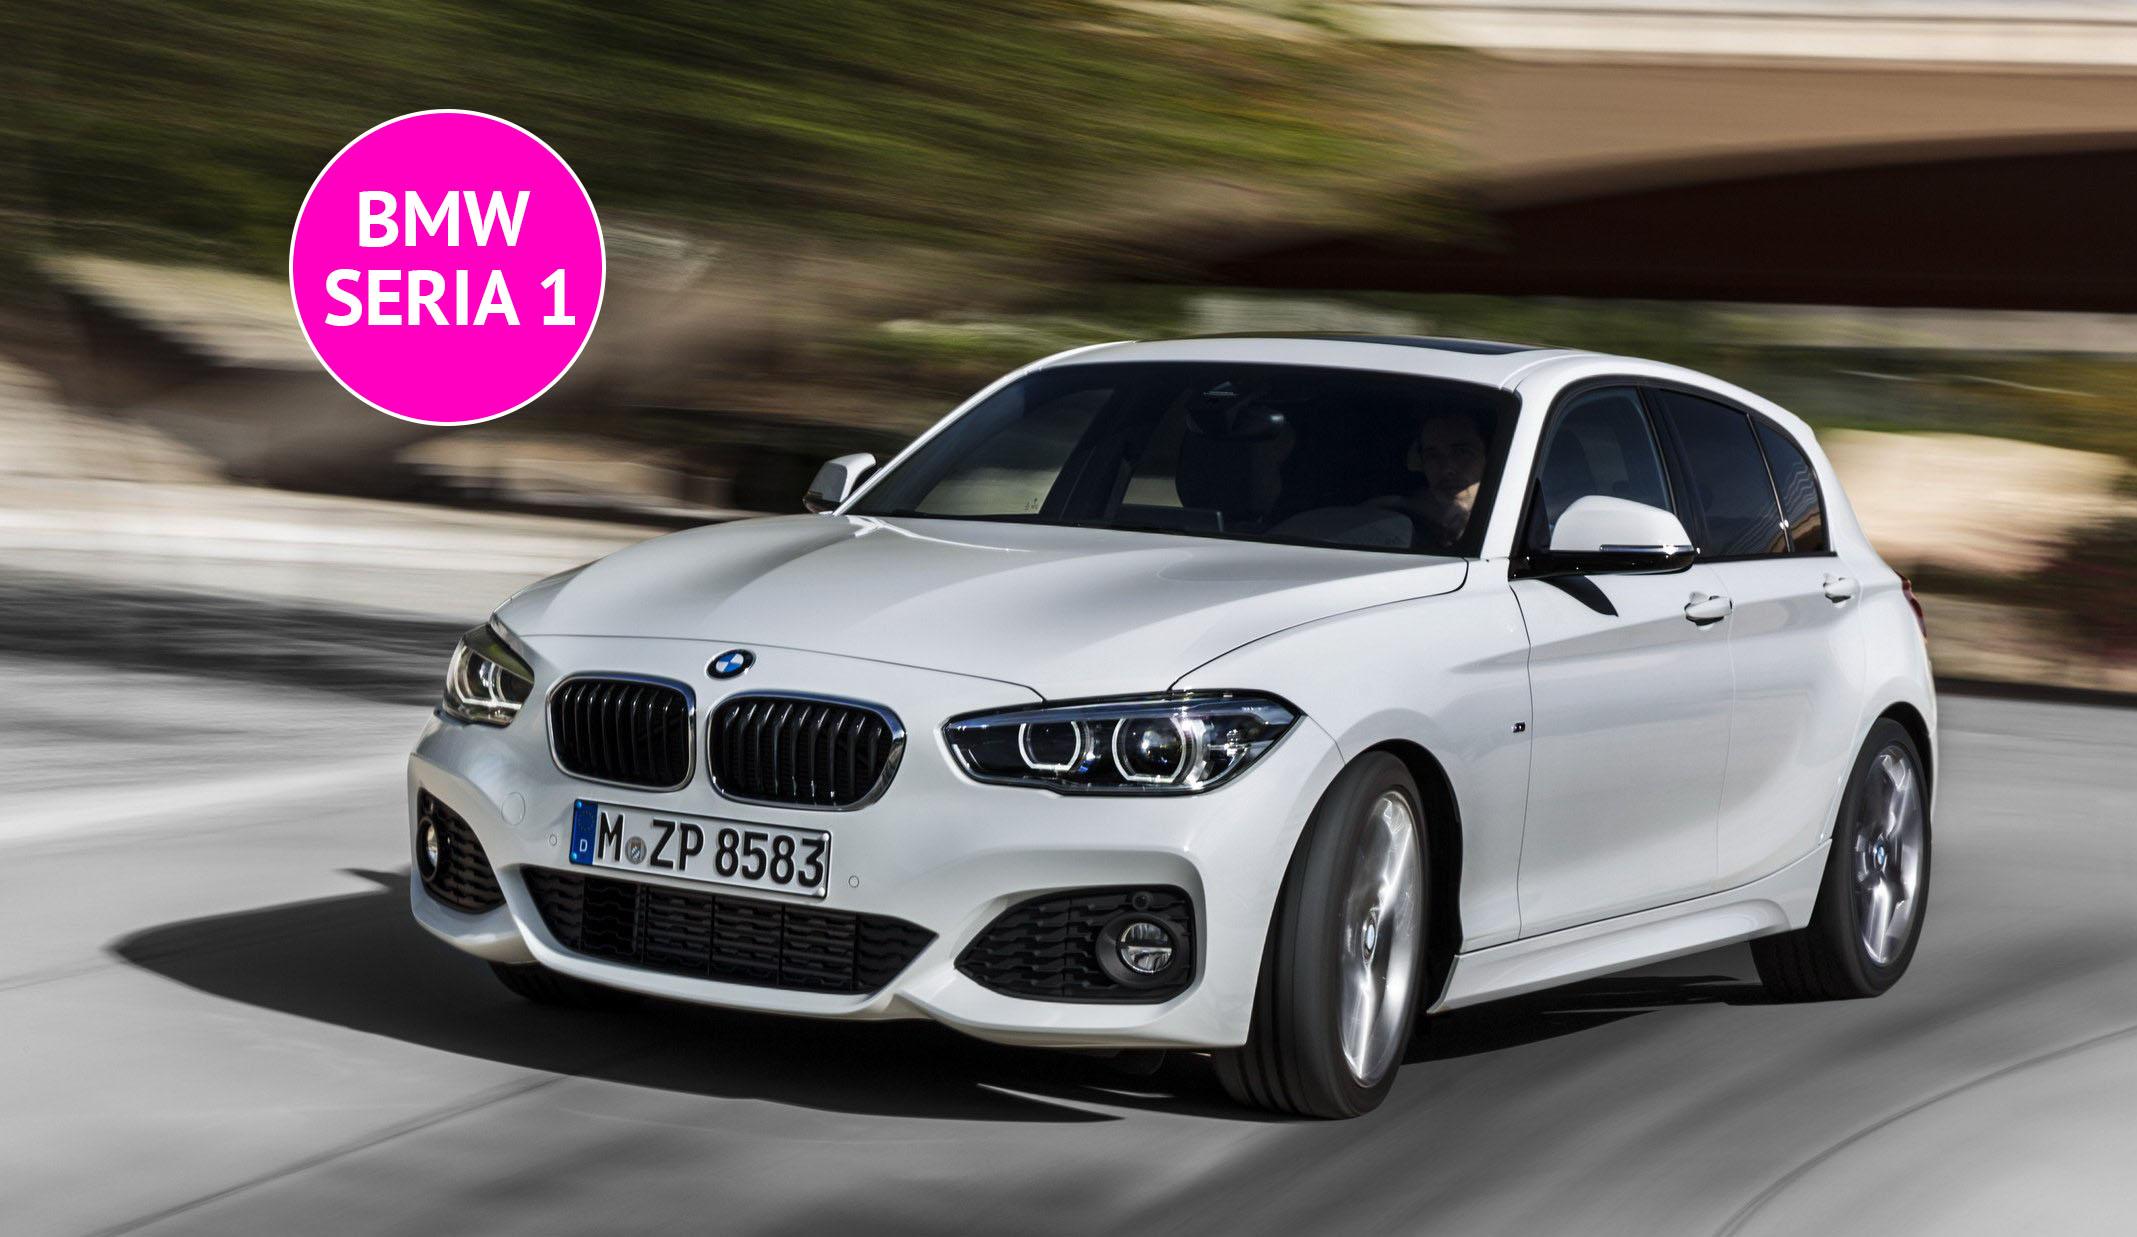 BMW SERIA1 - CADOU AVON REPREZ